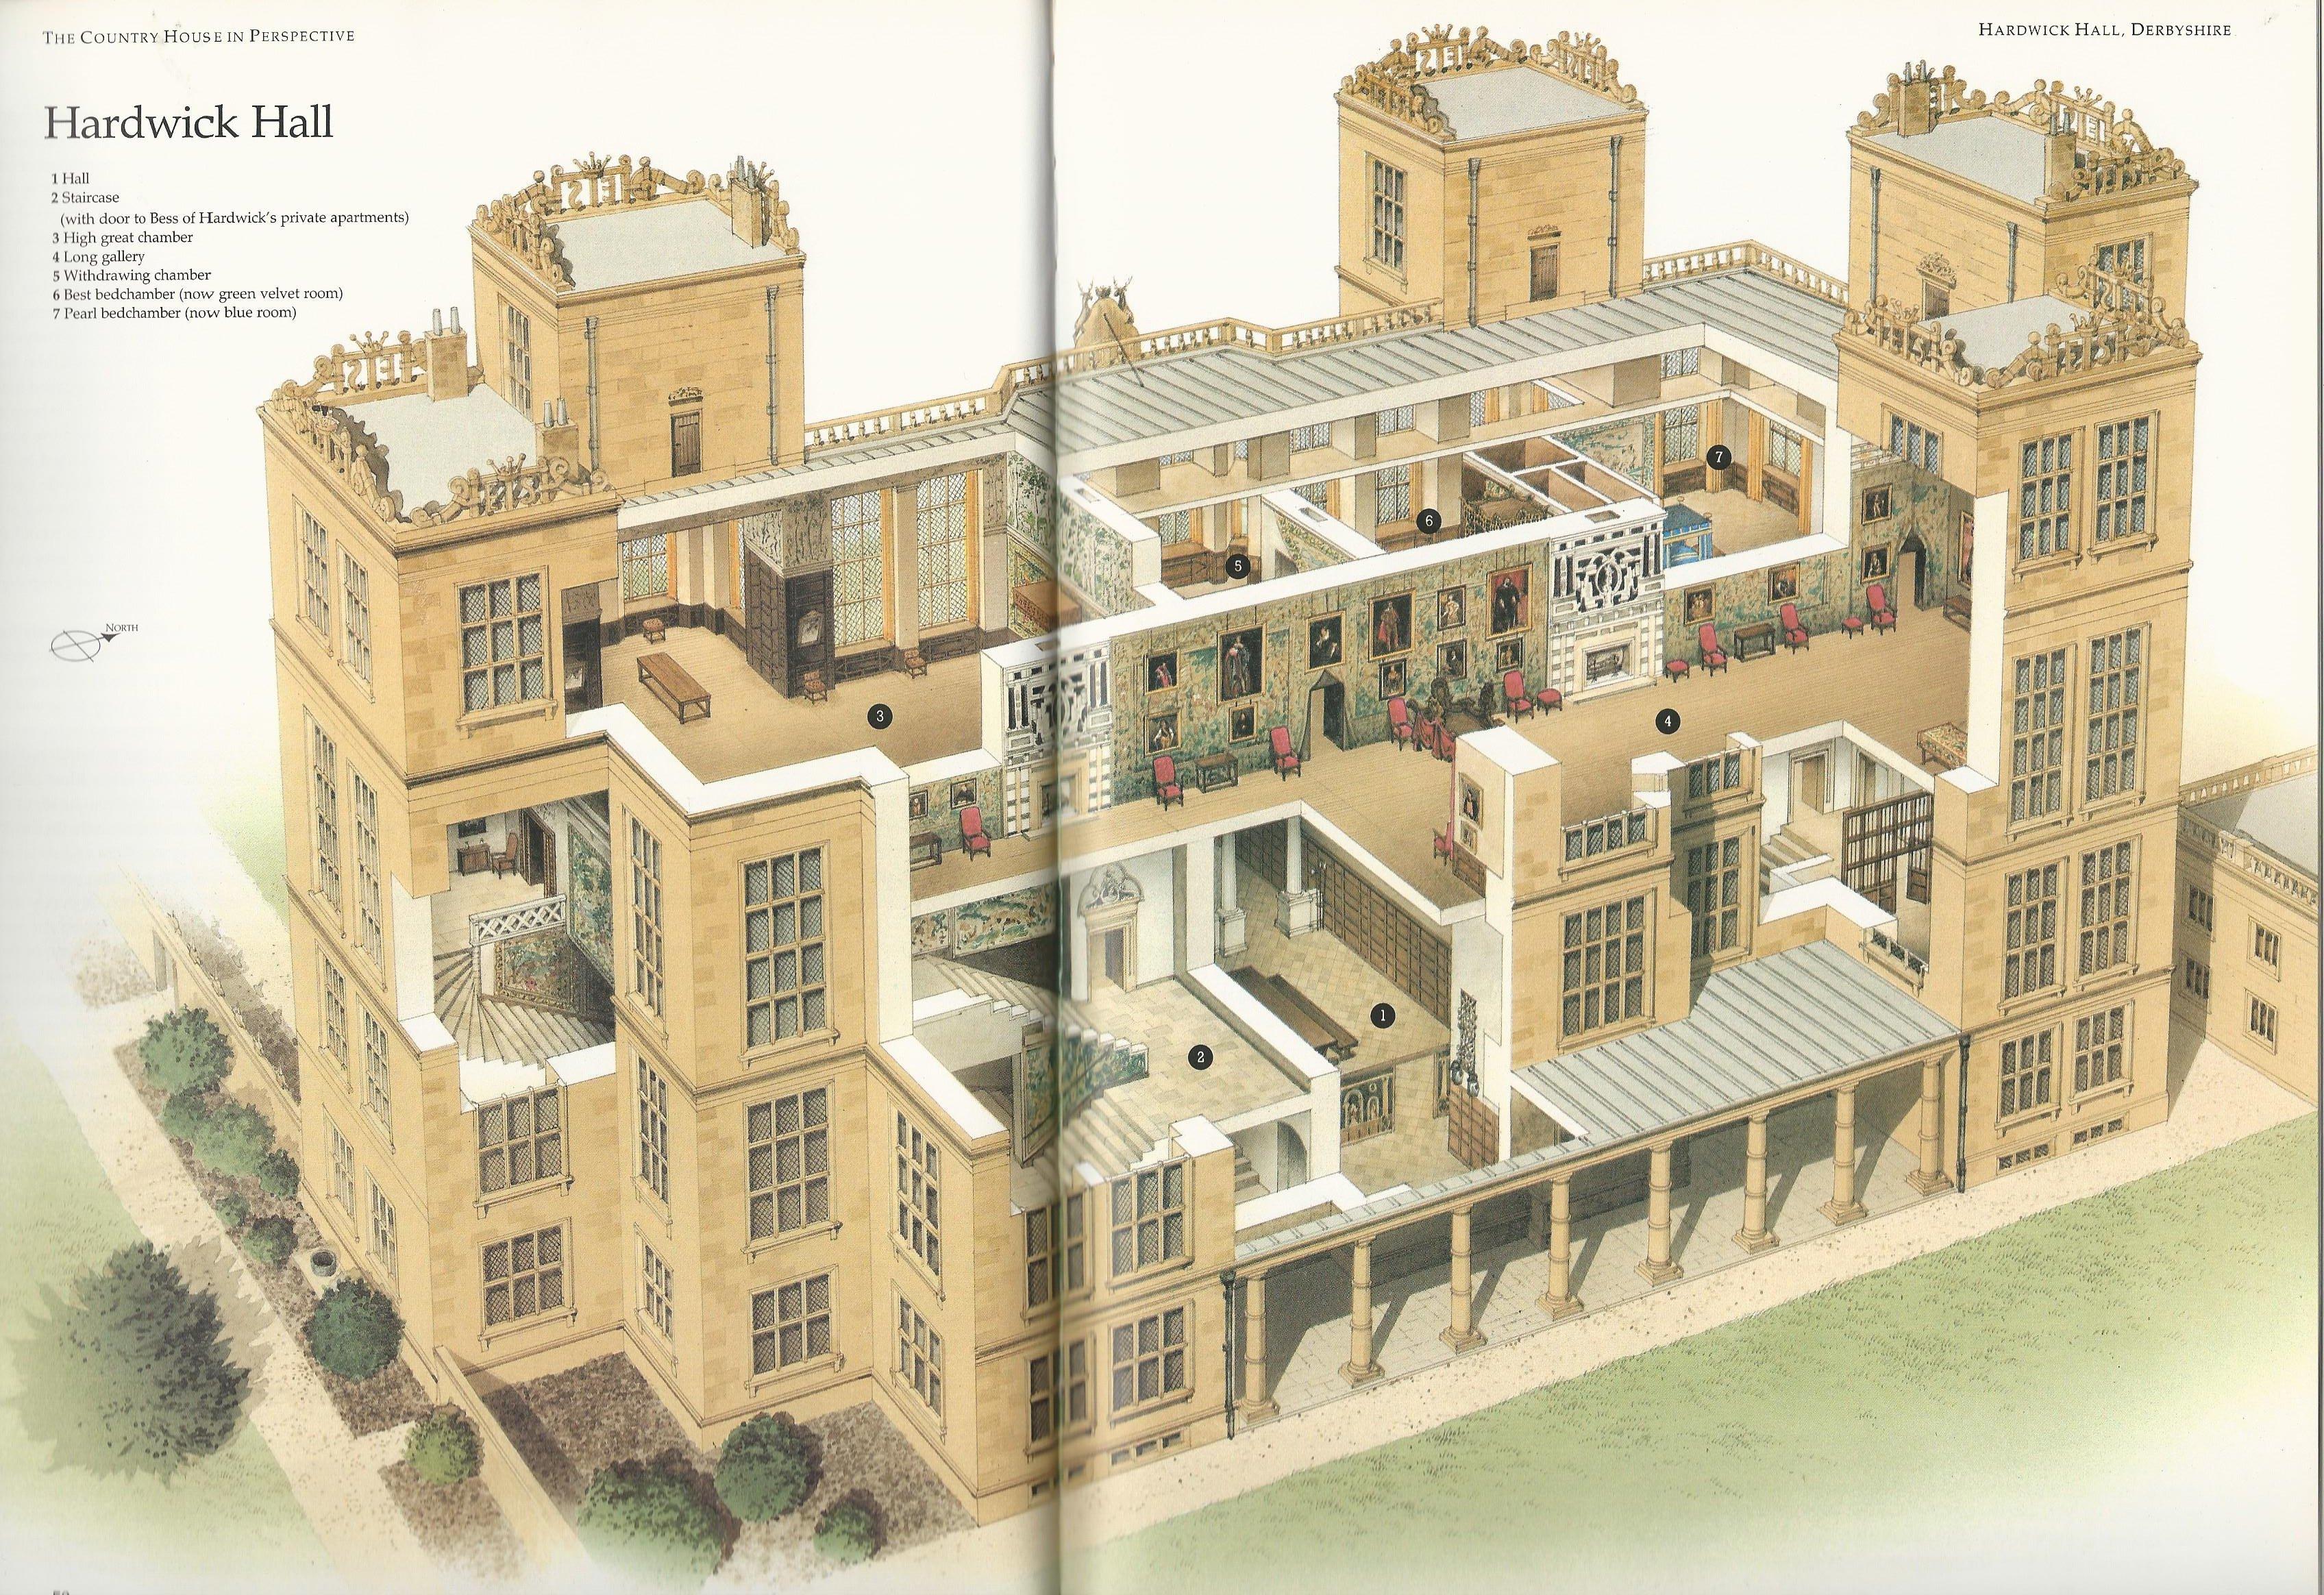 european architecture hardwick hall architect robert smythson